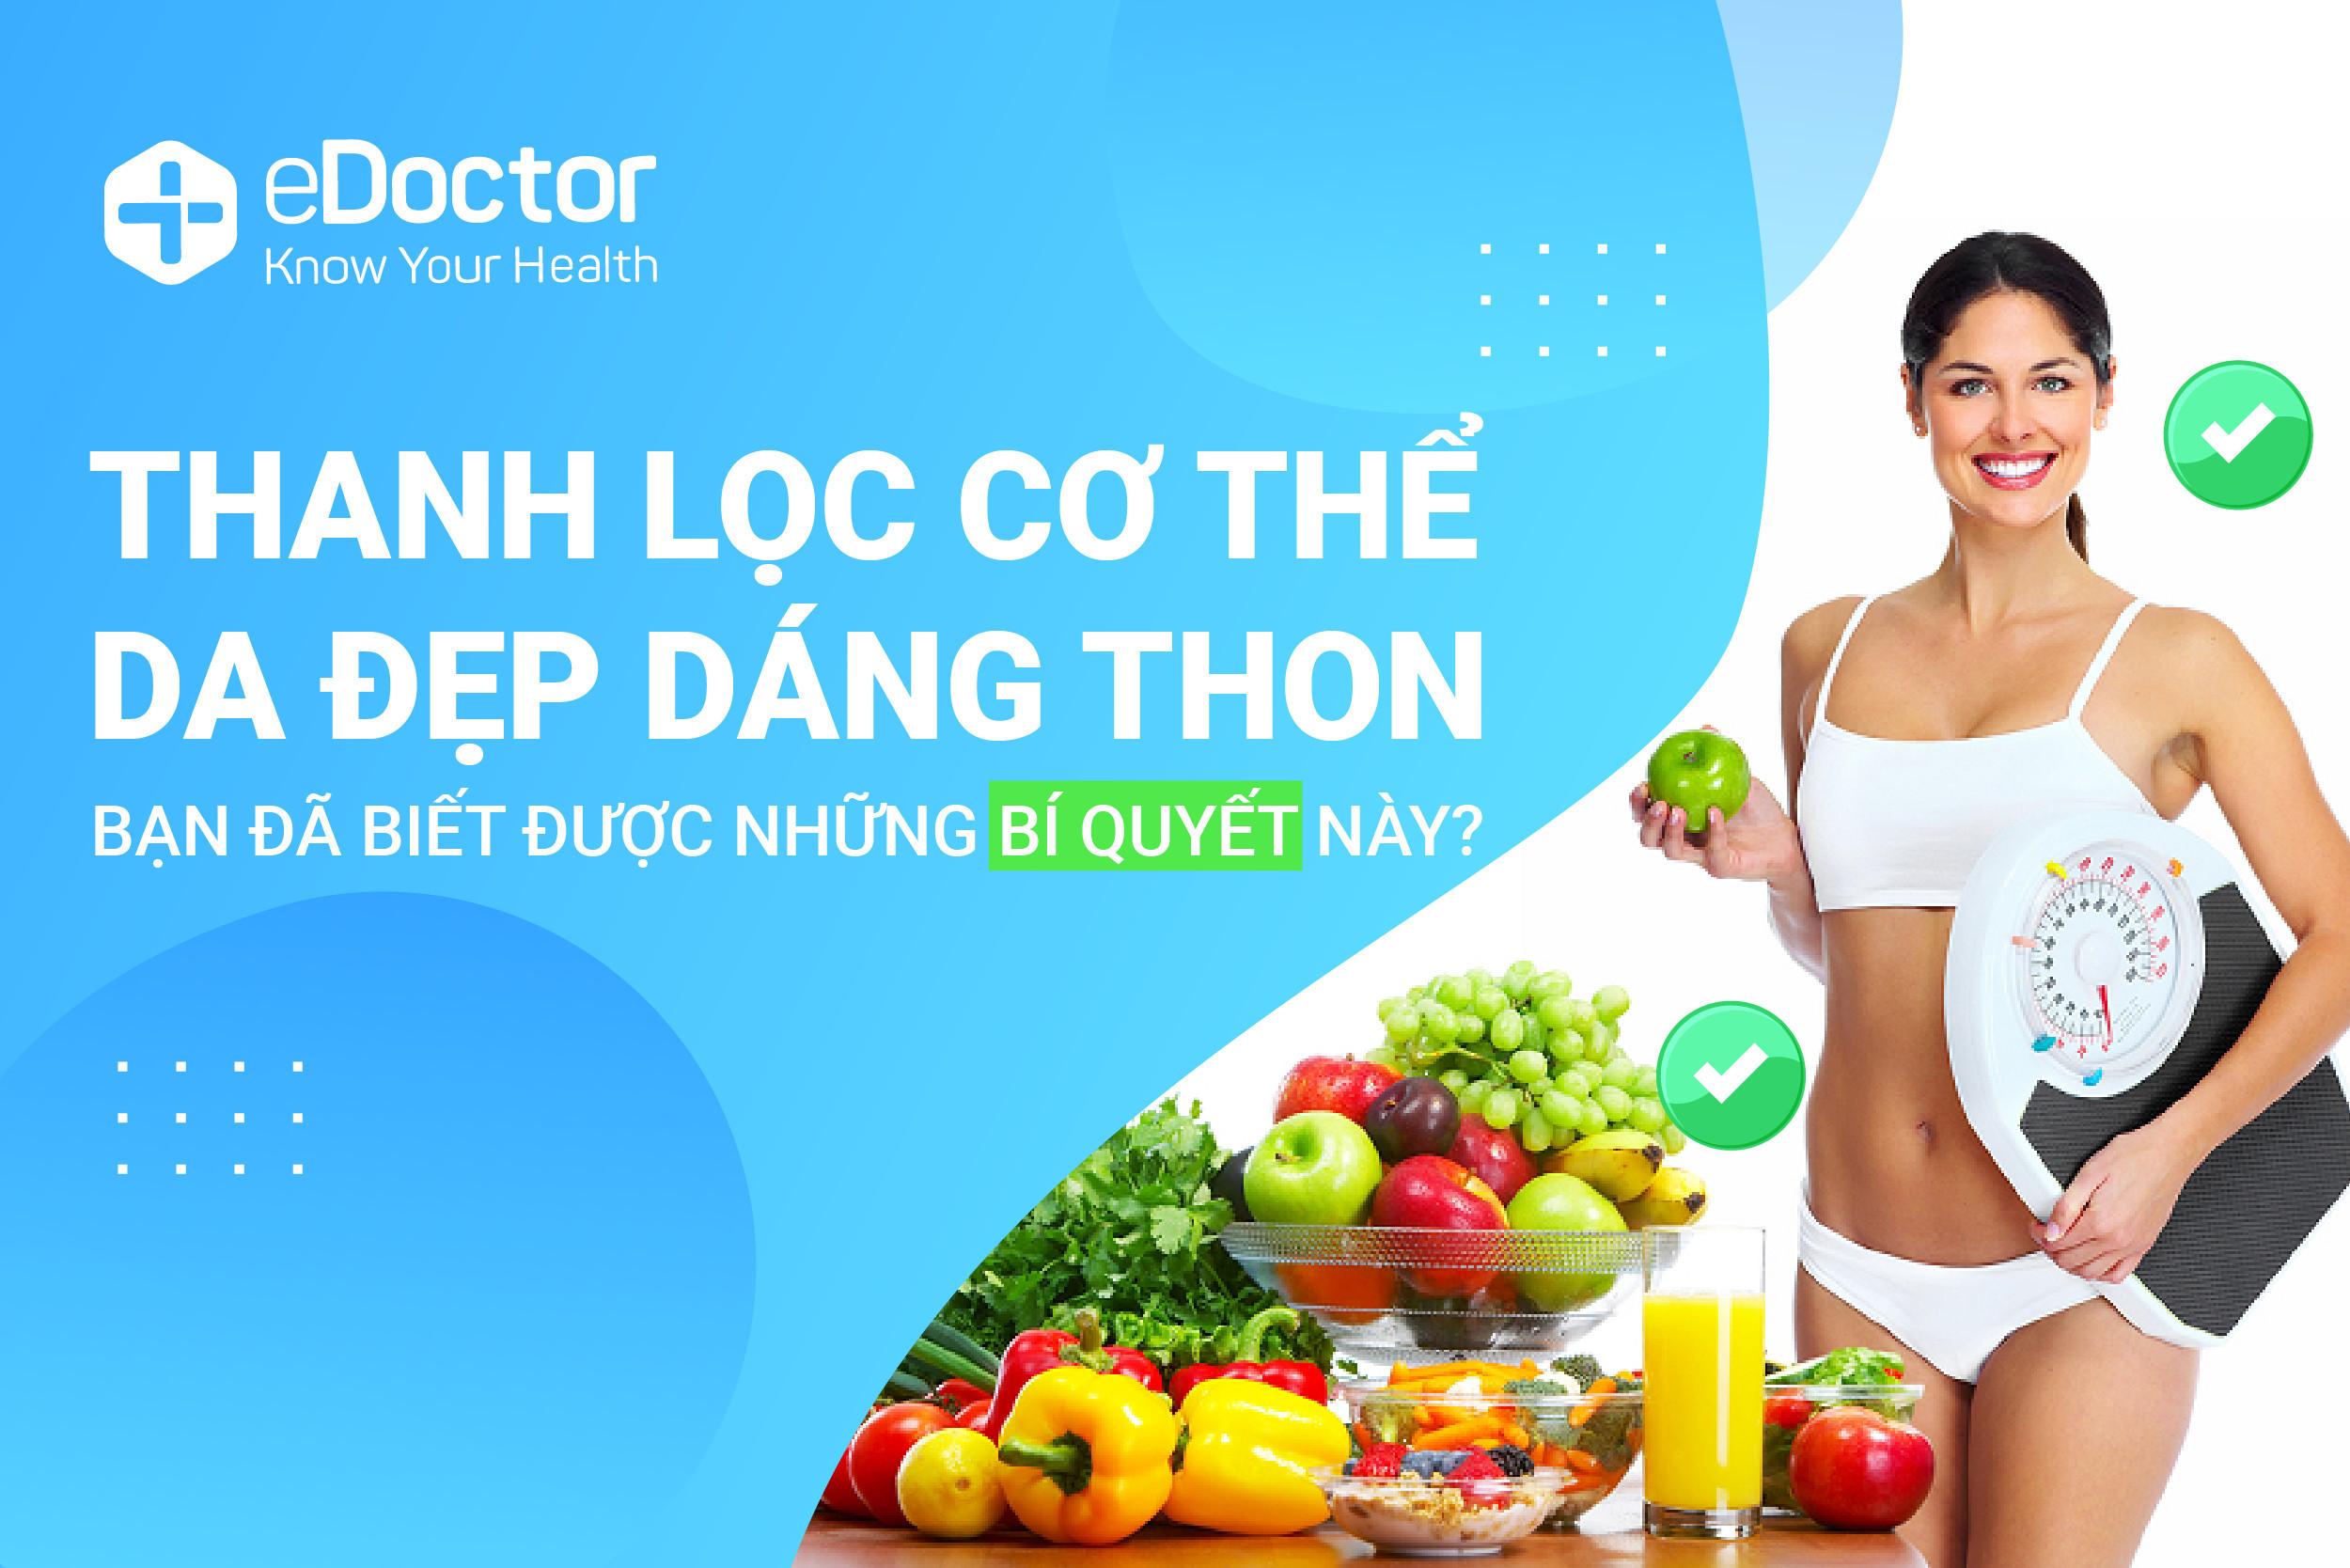 eDoctor - Thanh lọc cơ thể, loại bỏ độc tố